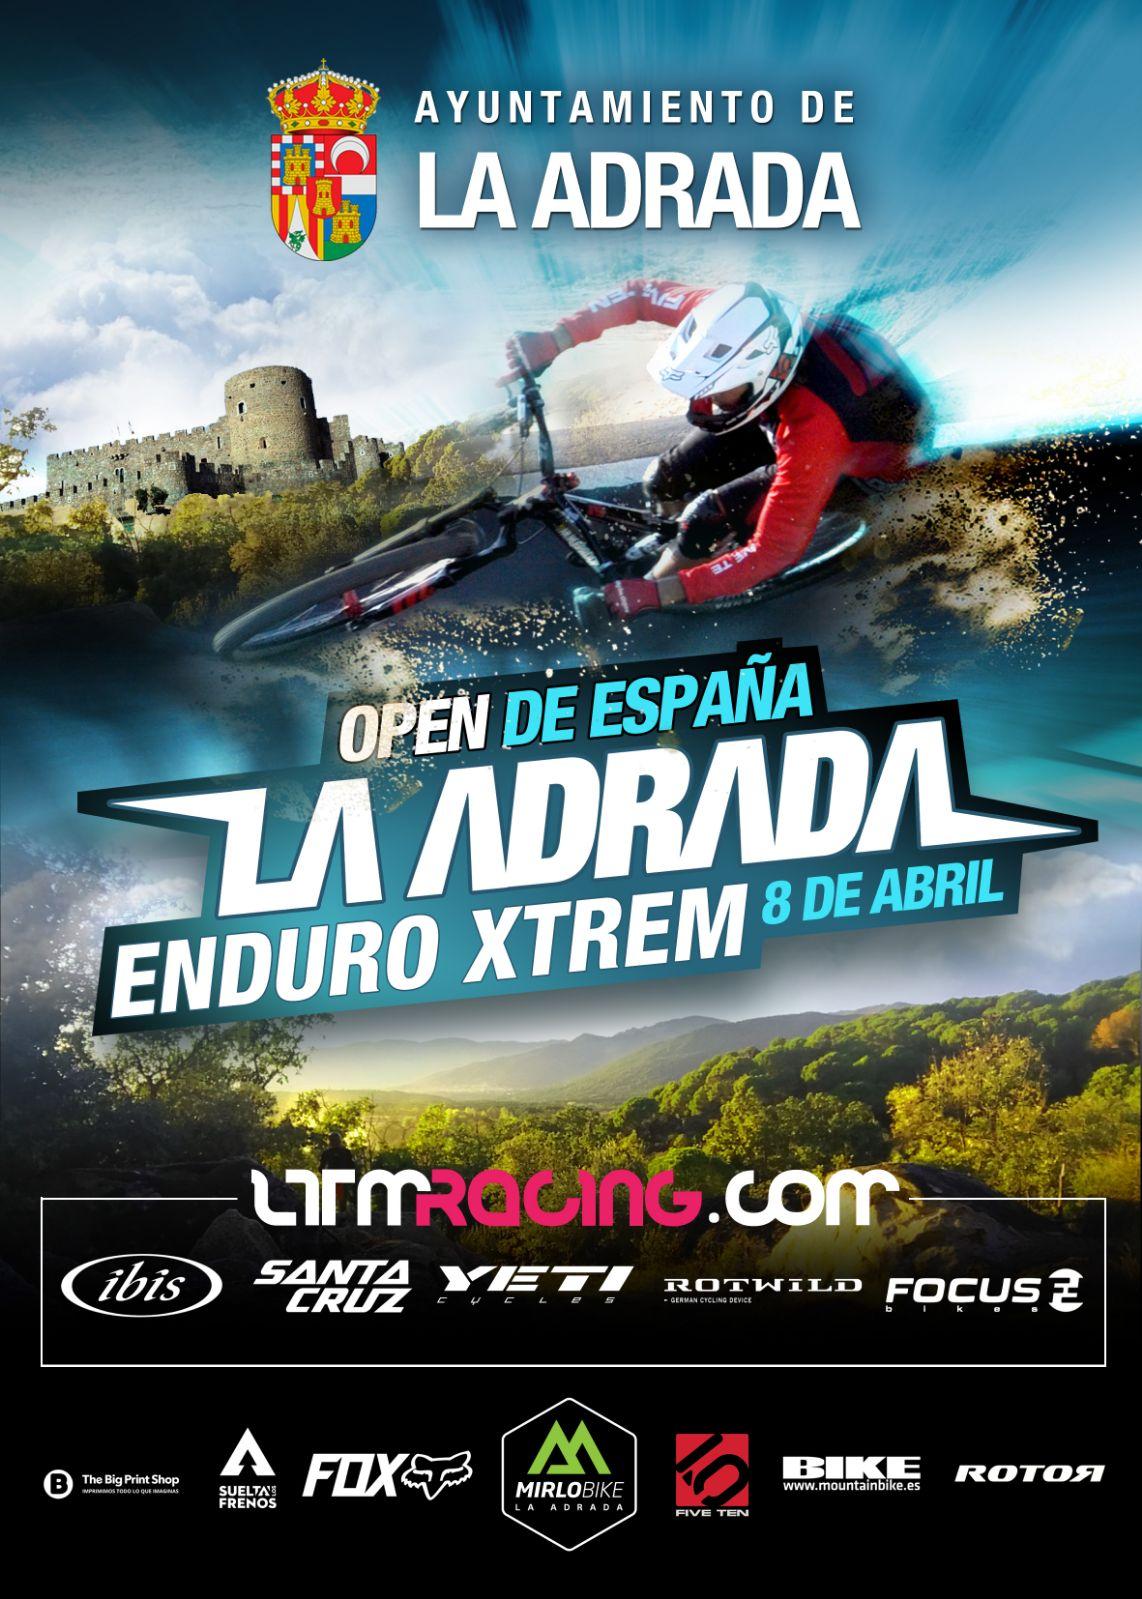 Open de España La Adrada Enduro Xtrem - La Adrada - TiétarTeVe